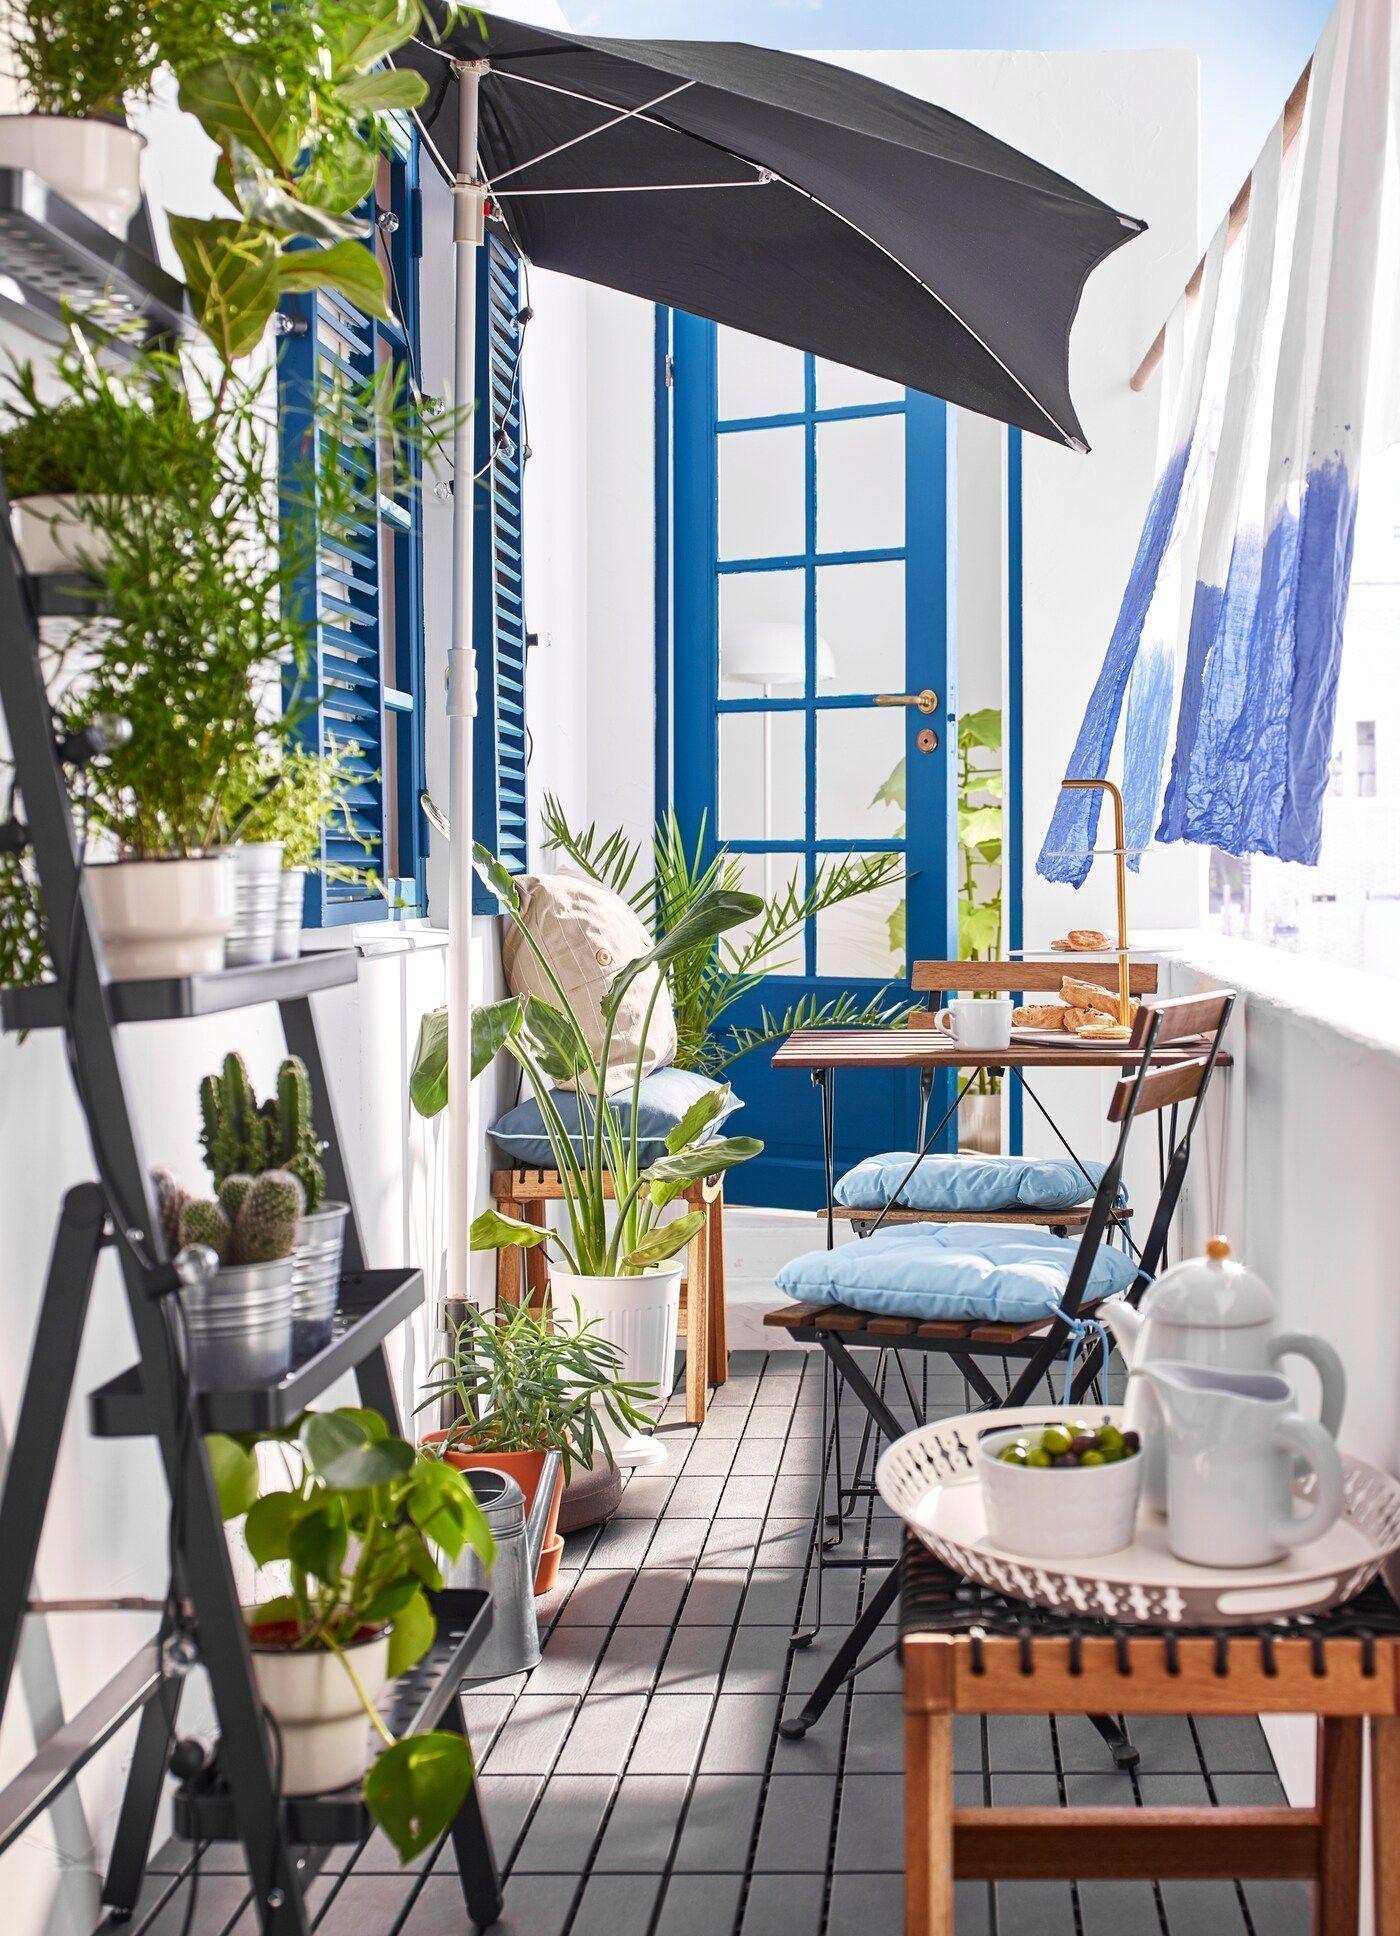 Un Balcone Piccolo Stretto E Privato Narrowbalcony Un Piccolo Stretto E Balcone N Nel 2020 Decorazione Balcone Di Appartamento Idee Per Patio Design Di Balcone